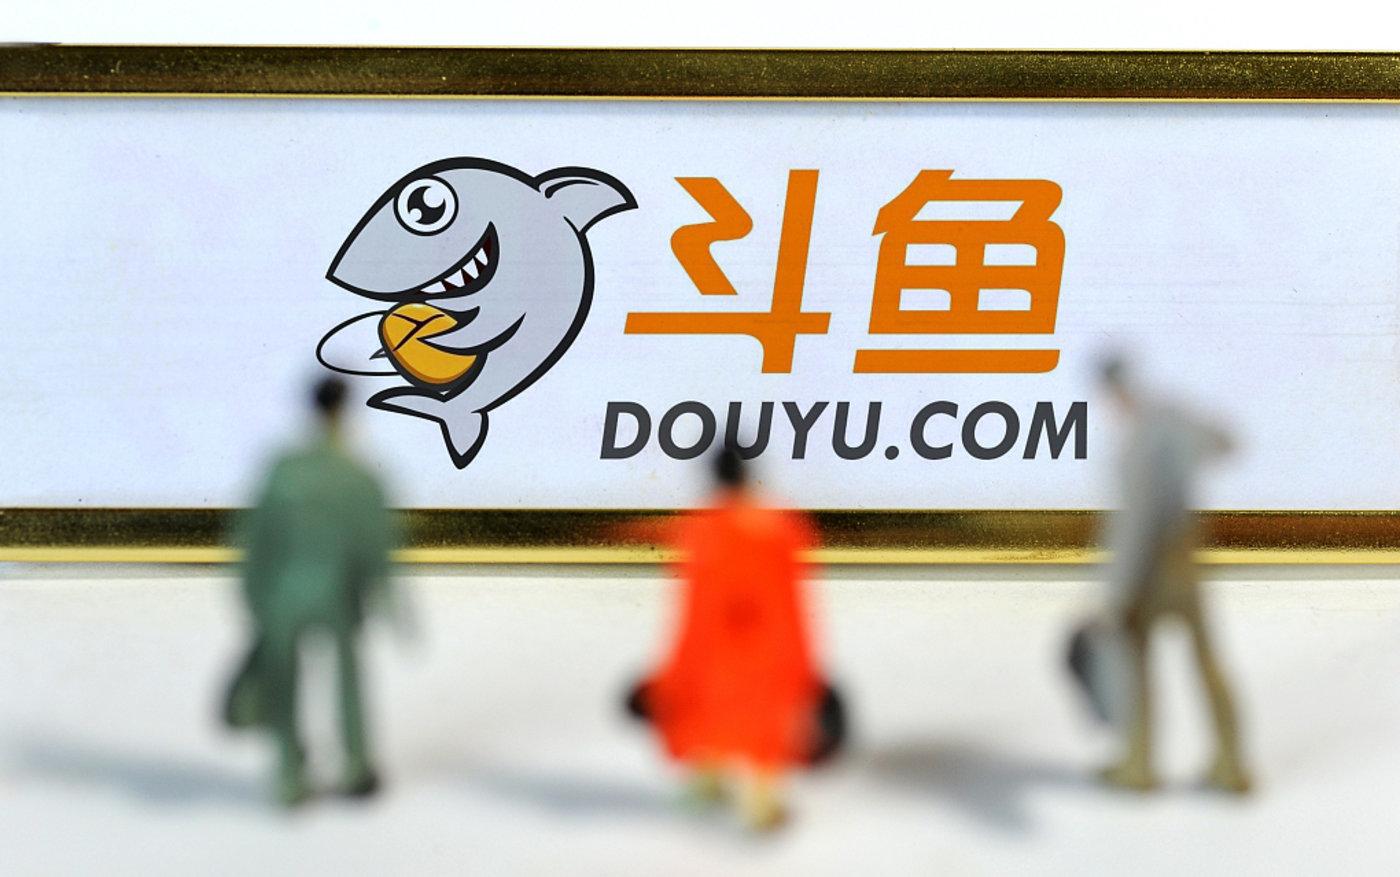 斗鱼MAU逼近2亿,靠什么打破行业增长天花板?